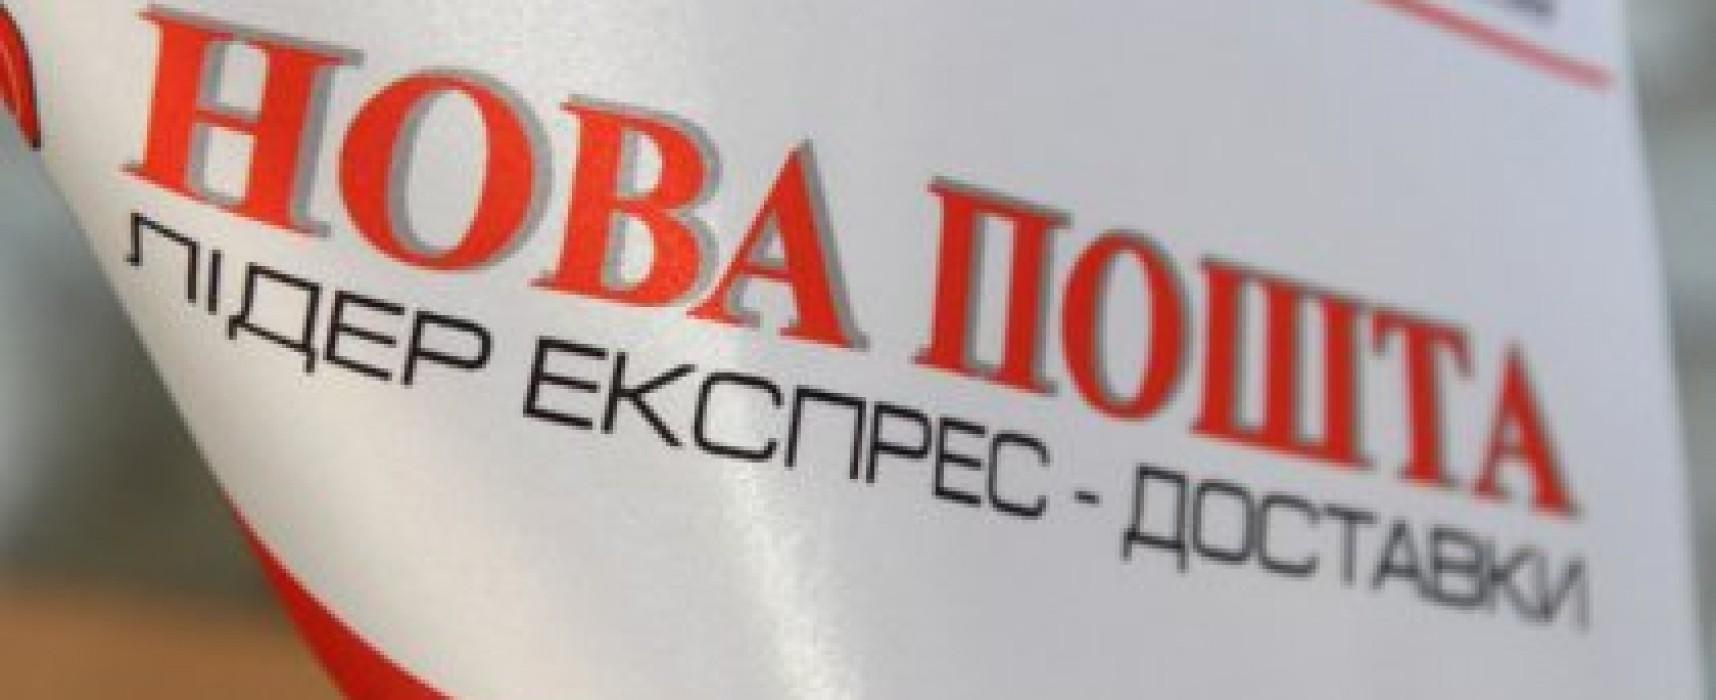 """""""Nova Poshta"""" denied handing over packages to separatists in Sievierodonetsk"""